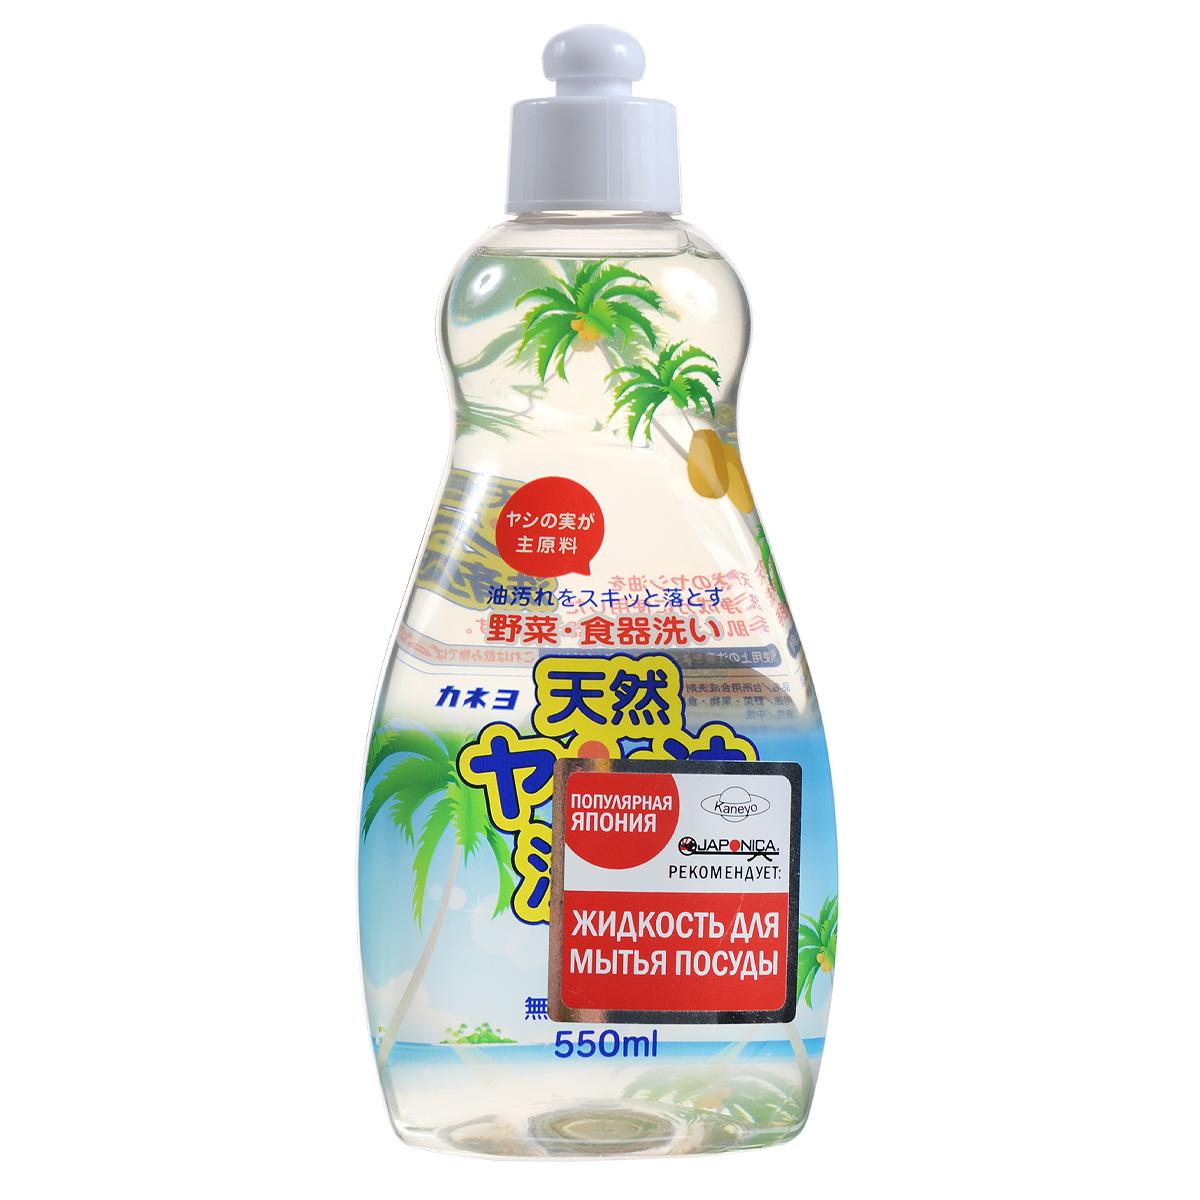 Жидкость для мытья посуды Kaneyo, с натуральным пальмовым маслом, 550 мл средство для чистки барабанов стиральных машин kaneyo 550 мл